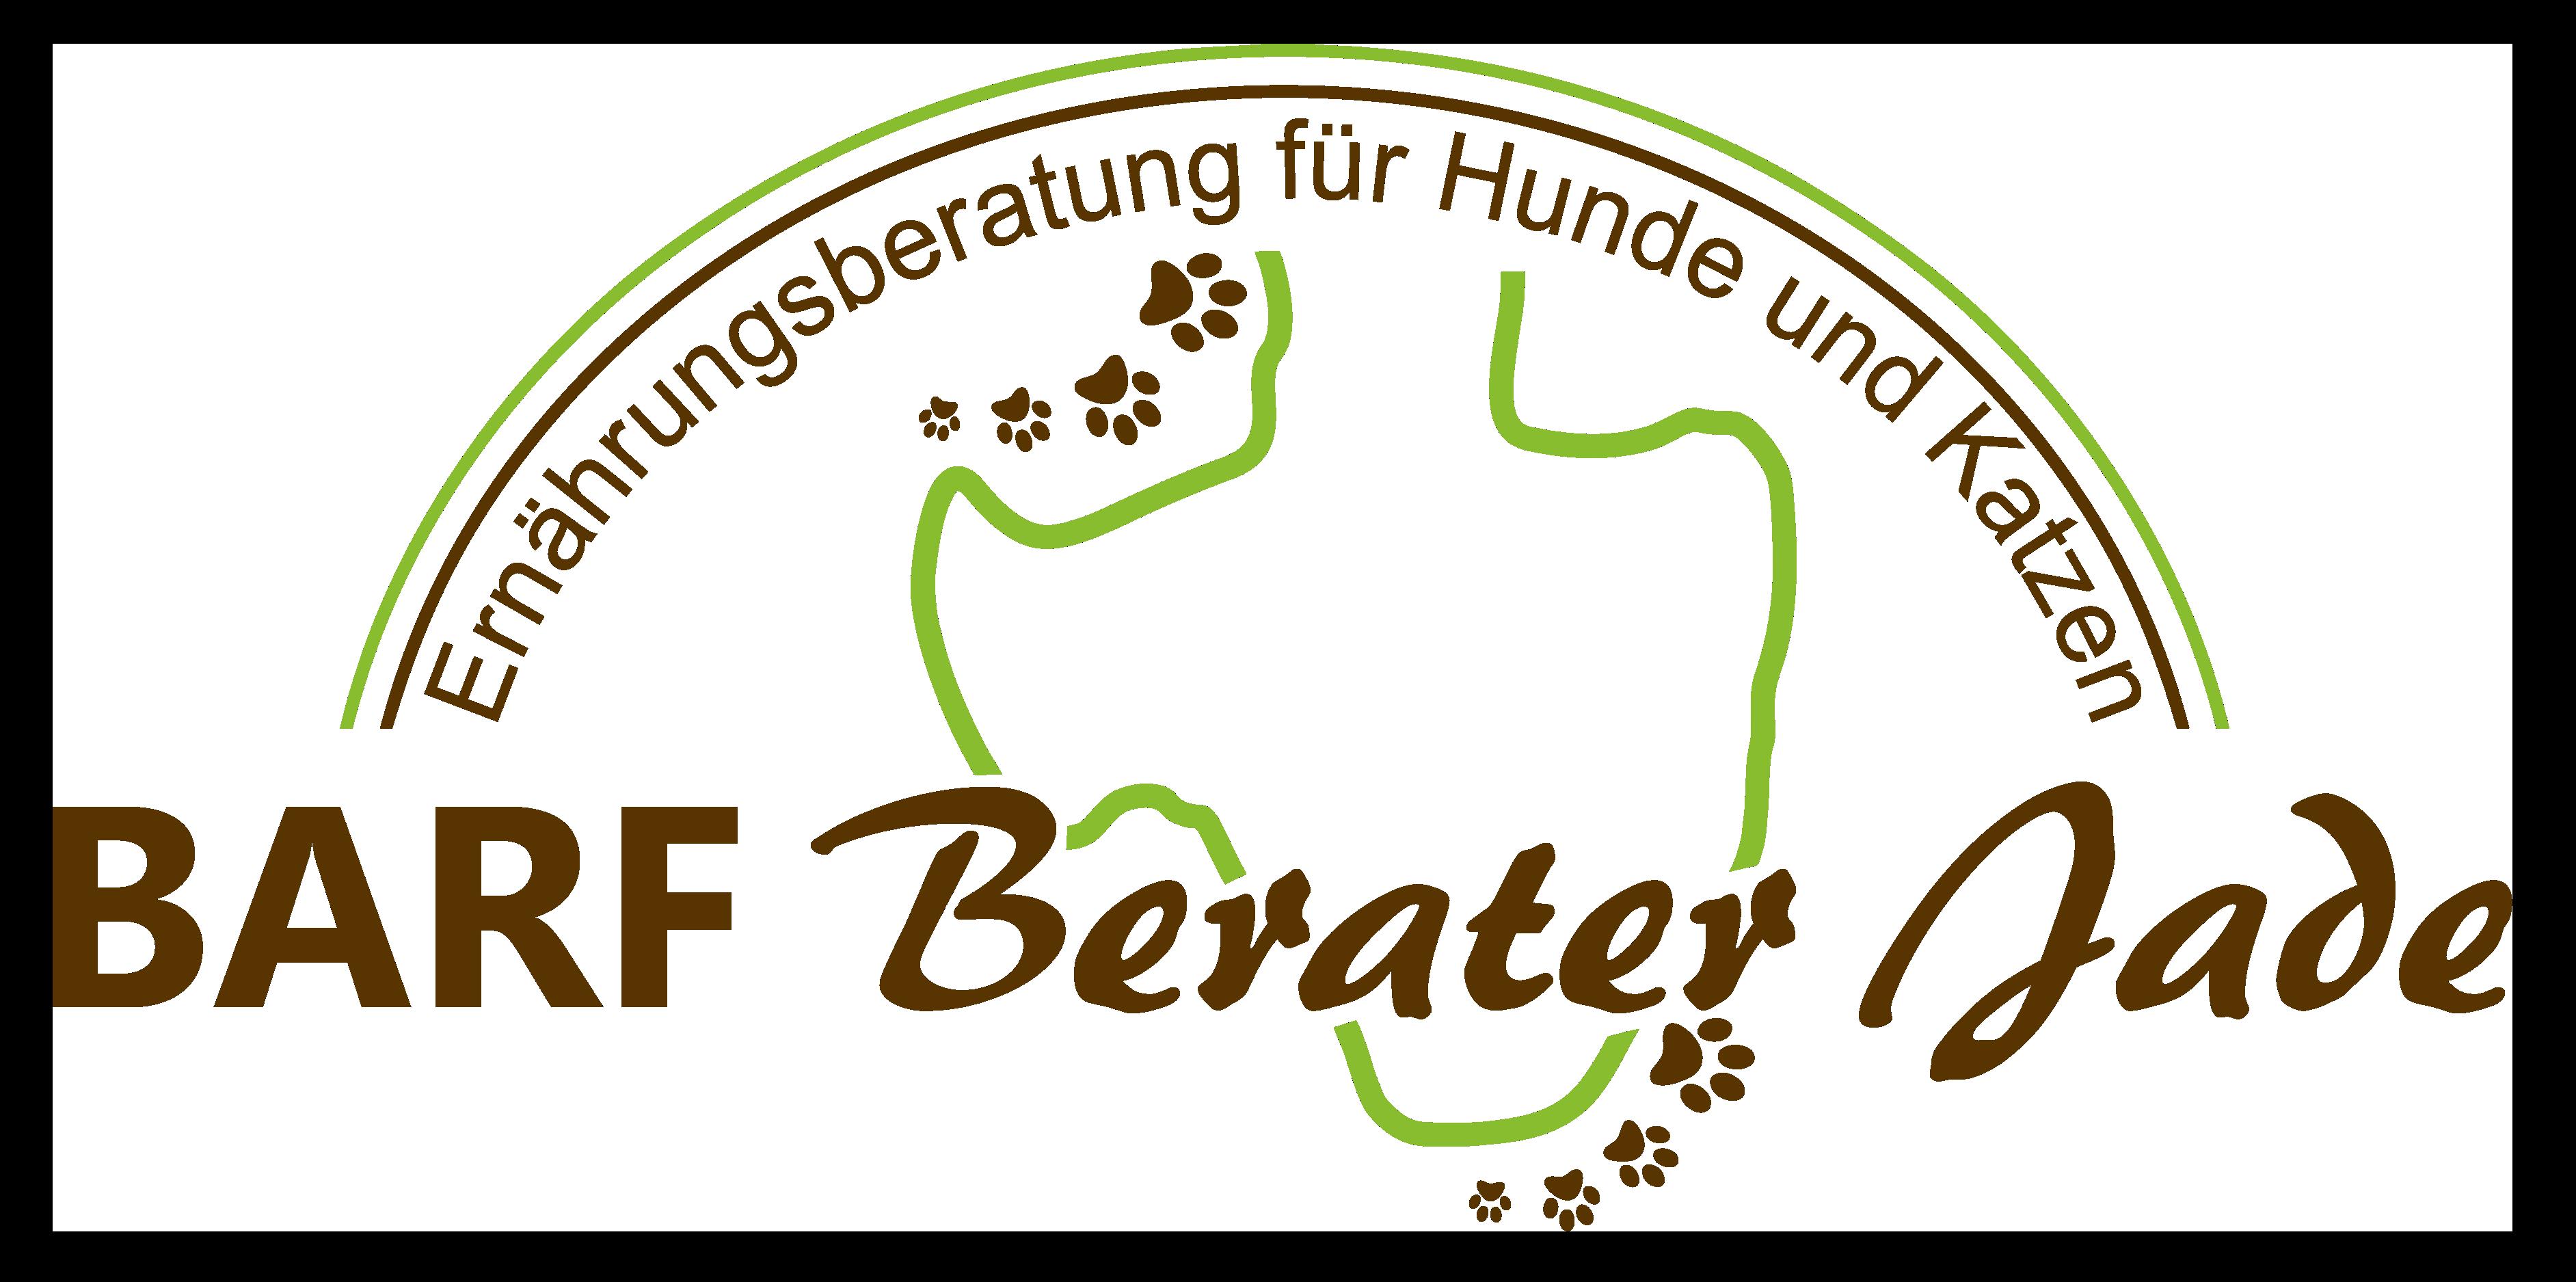 barfberater-jade.de